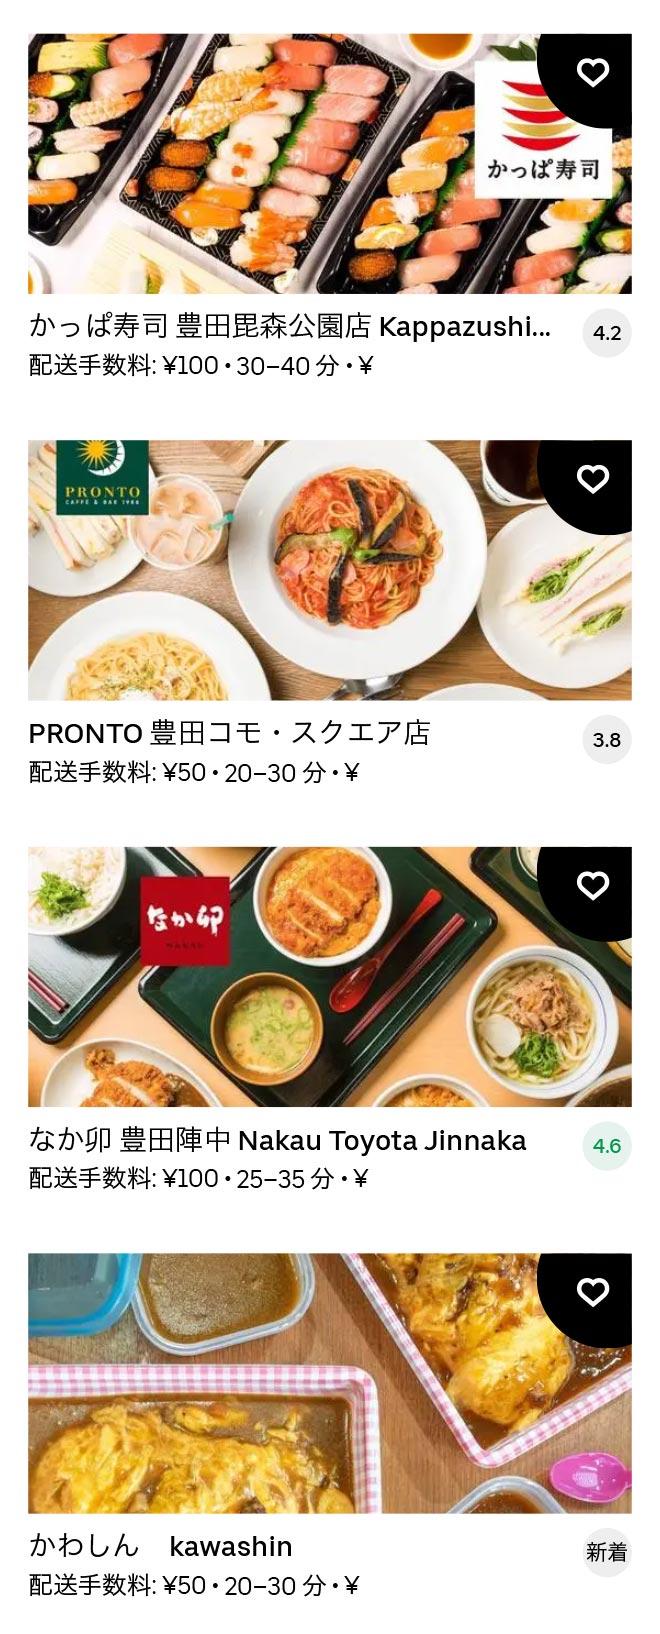 Toyotashi menu 2012 05